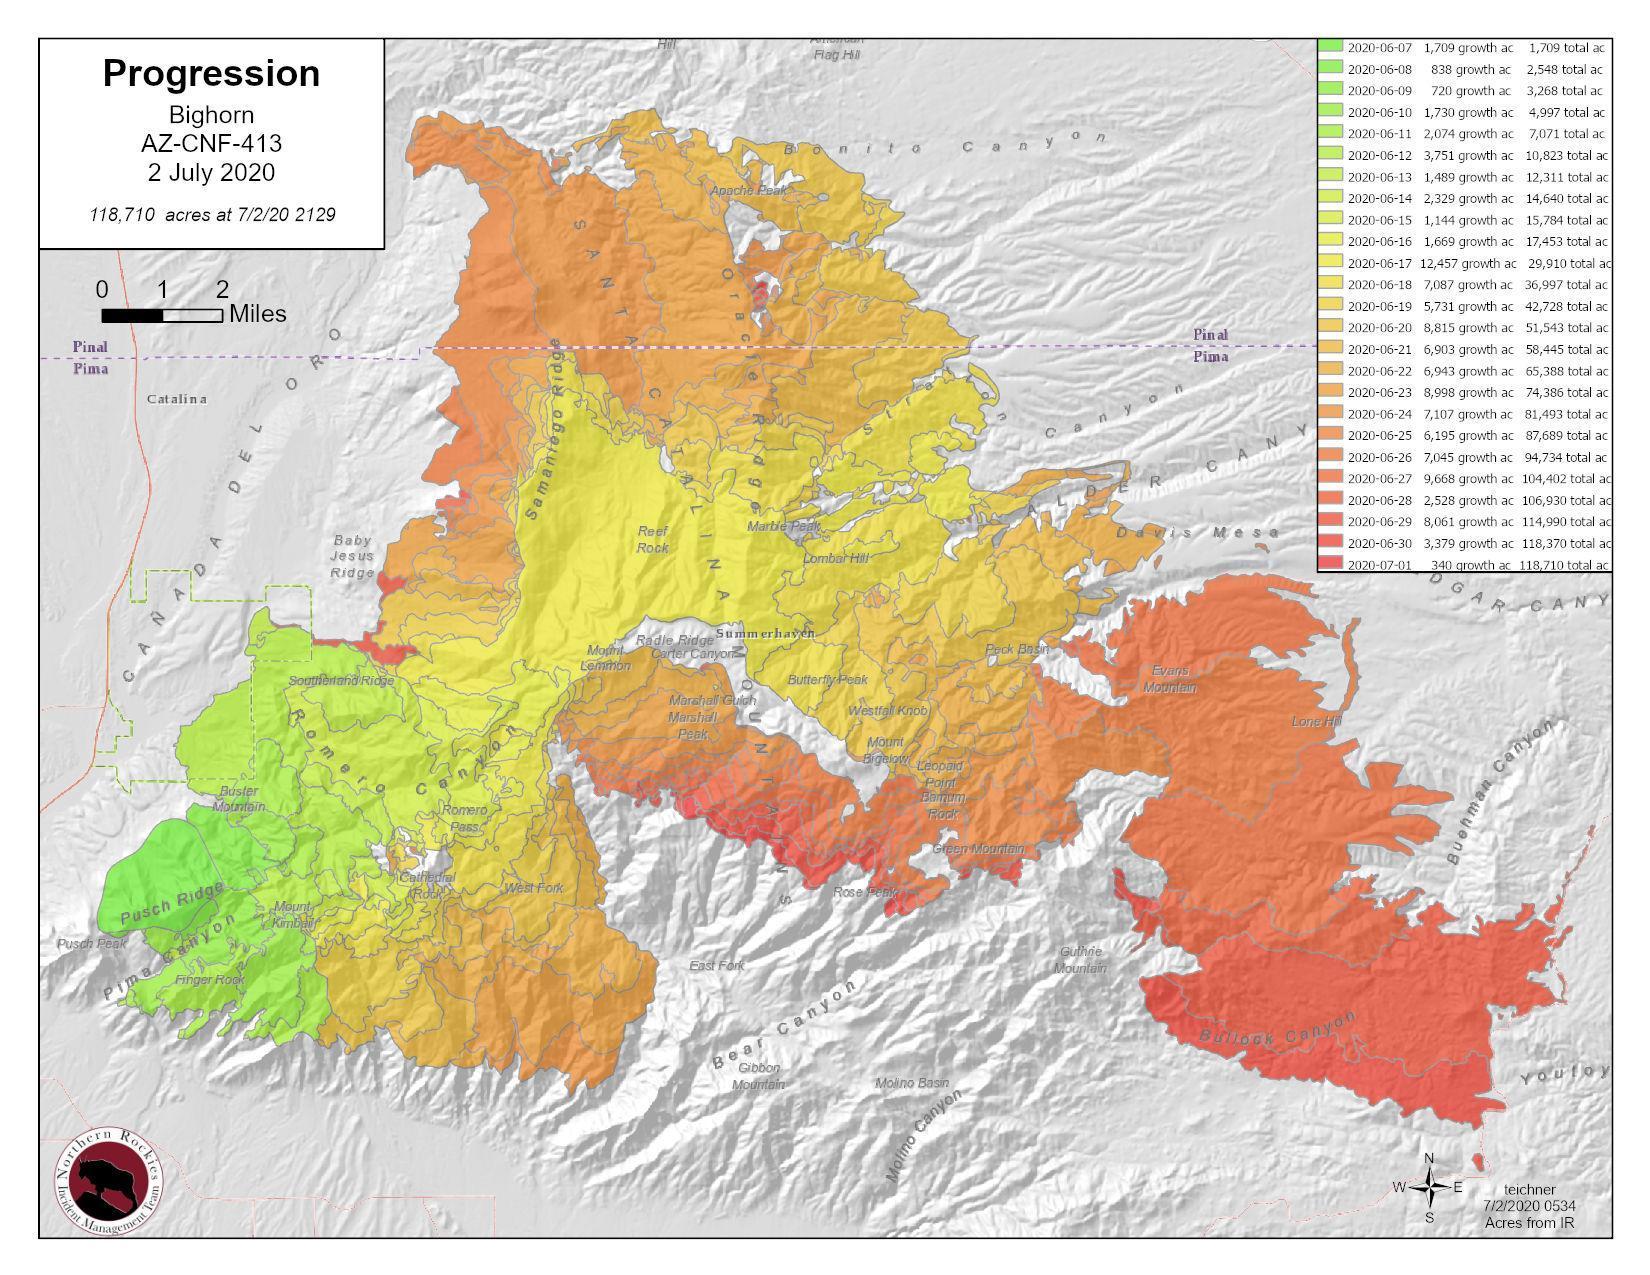 Bighorn Fire Map 7-2-20